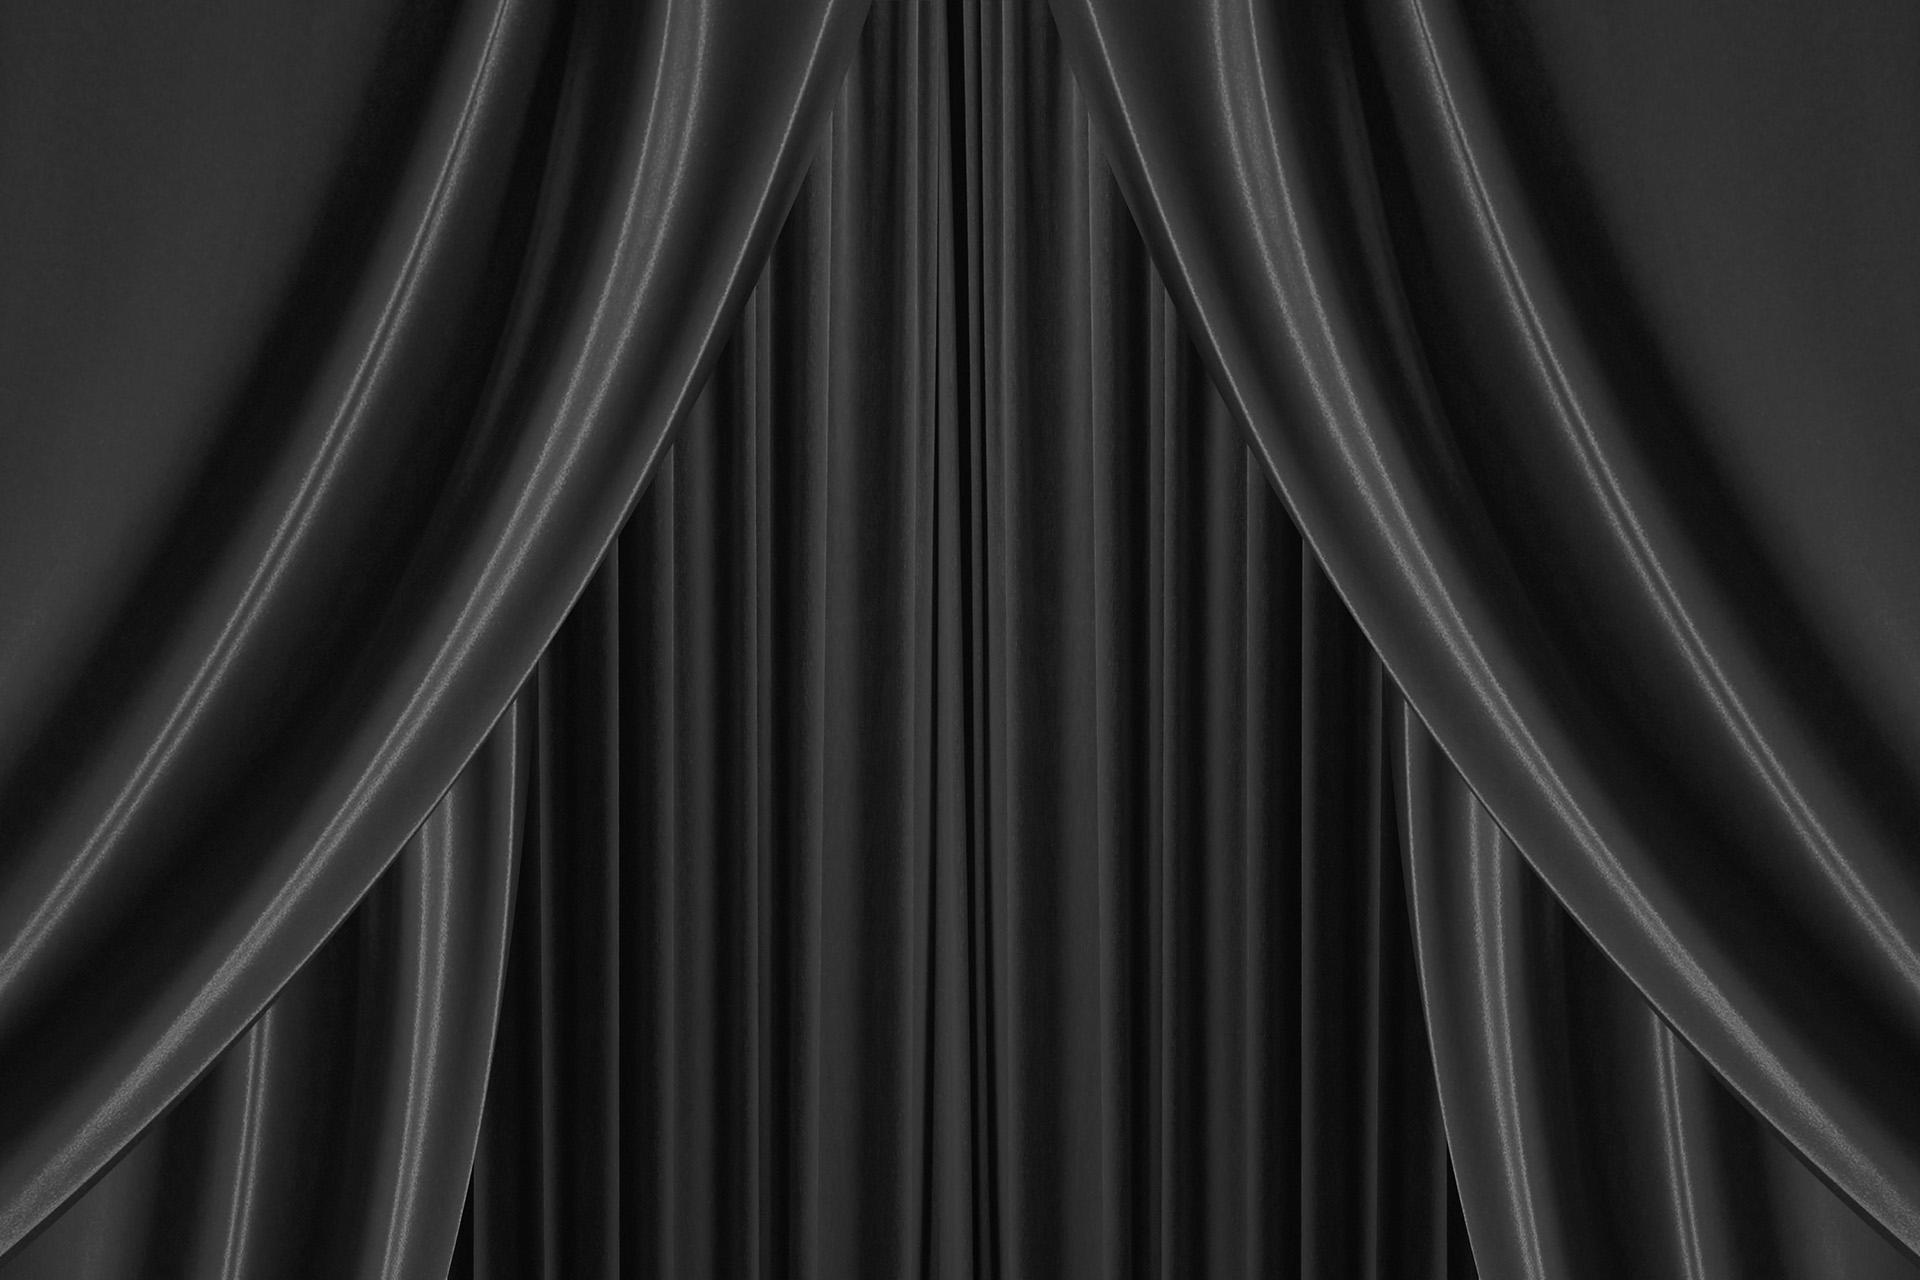 Photobooth Curtain